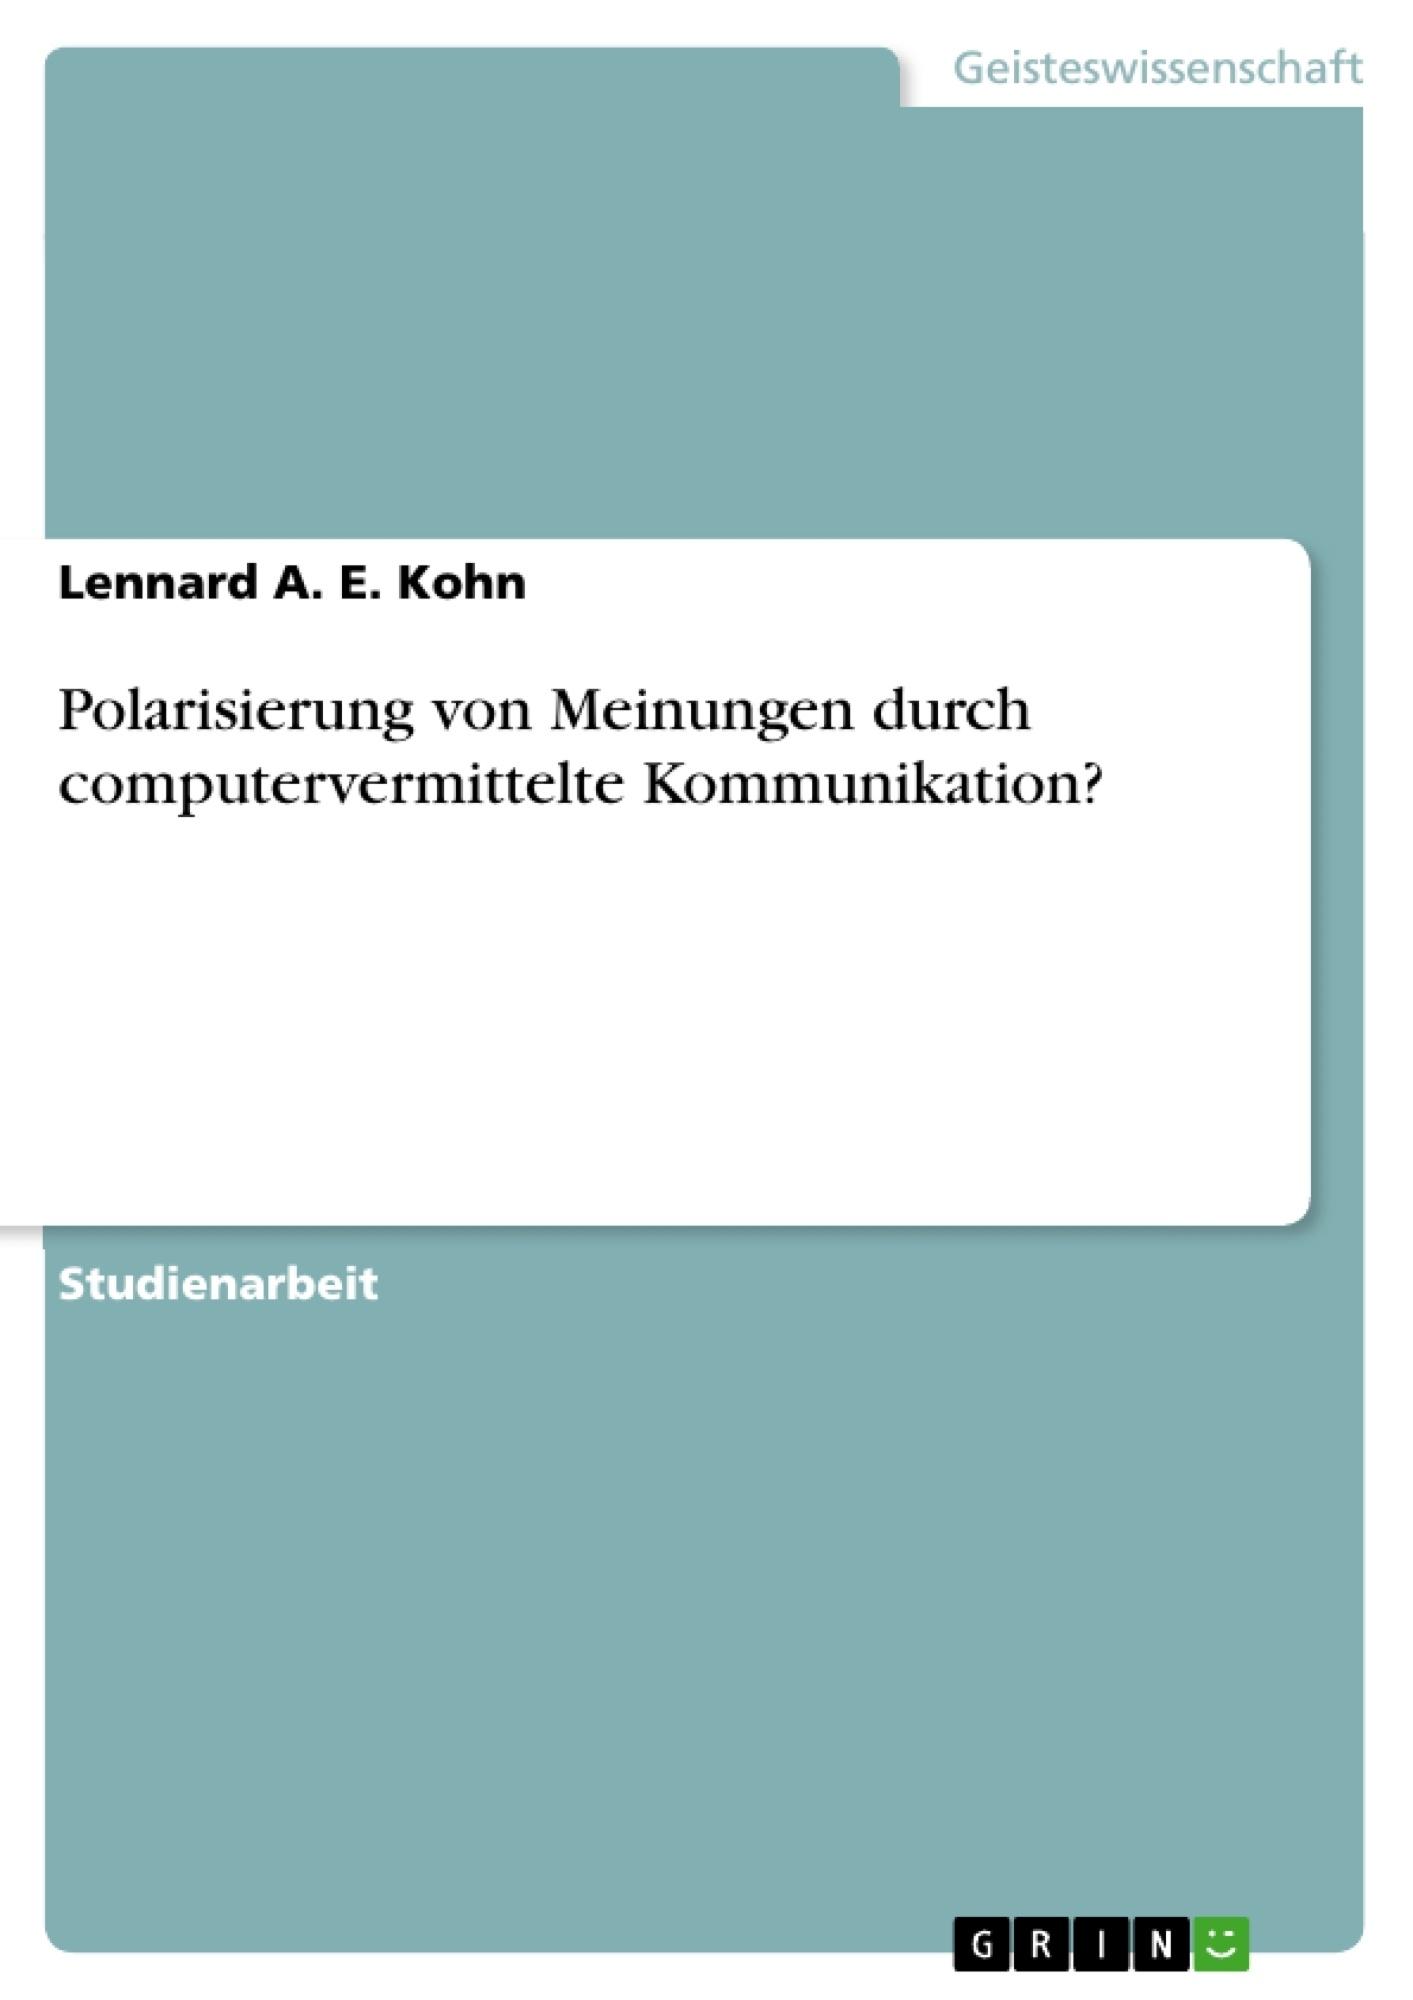 Titel: Polarisierung von Meinungen durch computervermittelte Kommunikation?